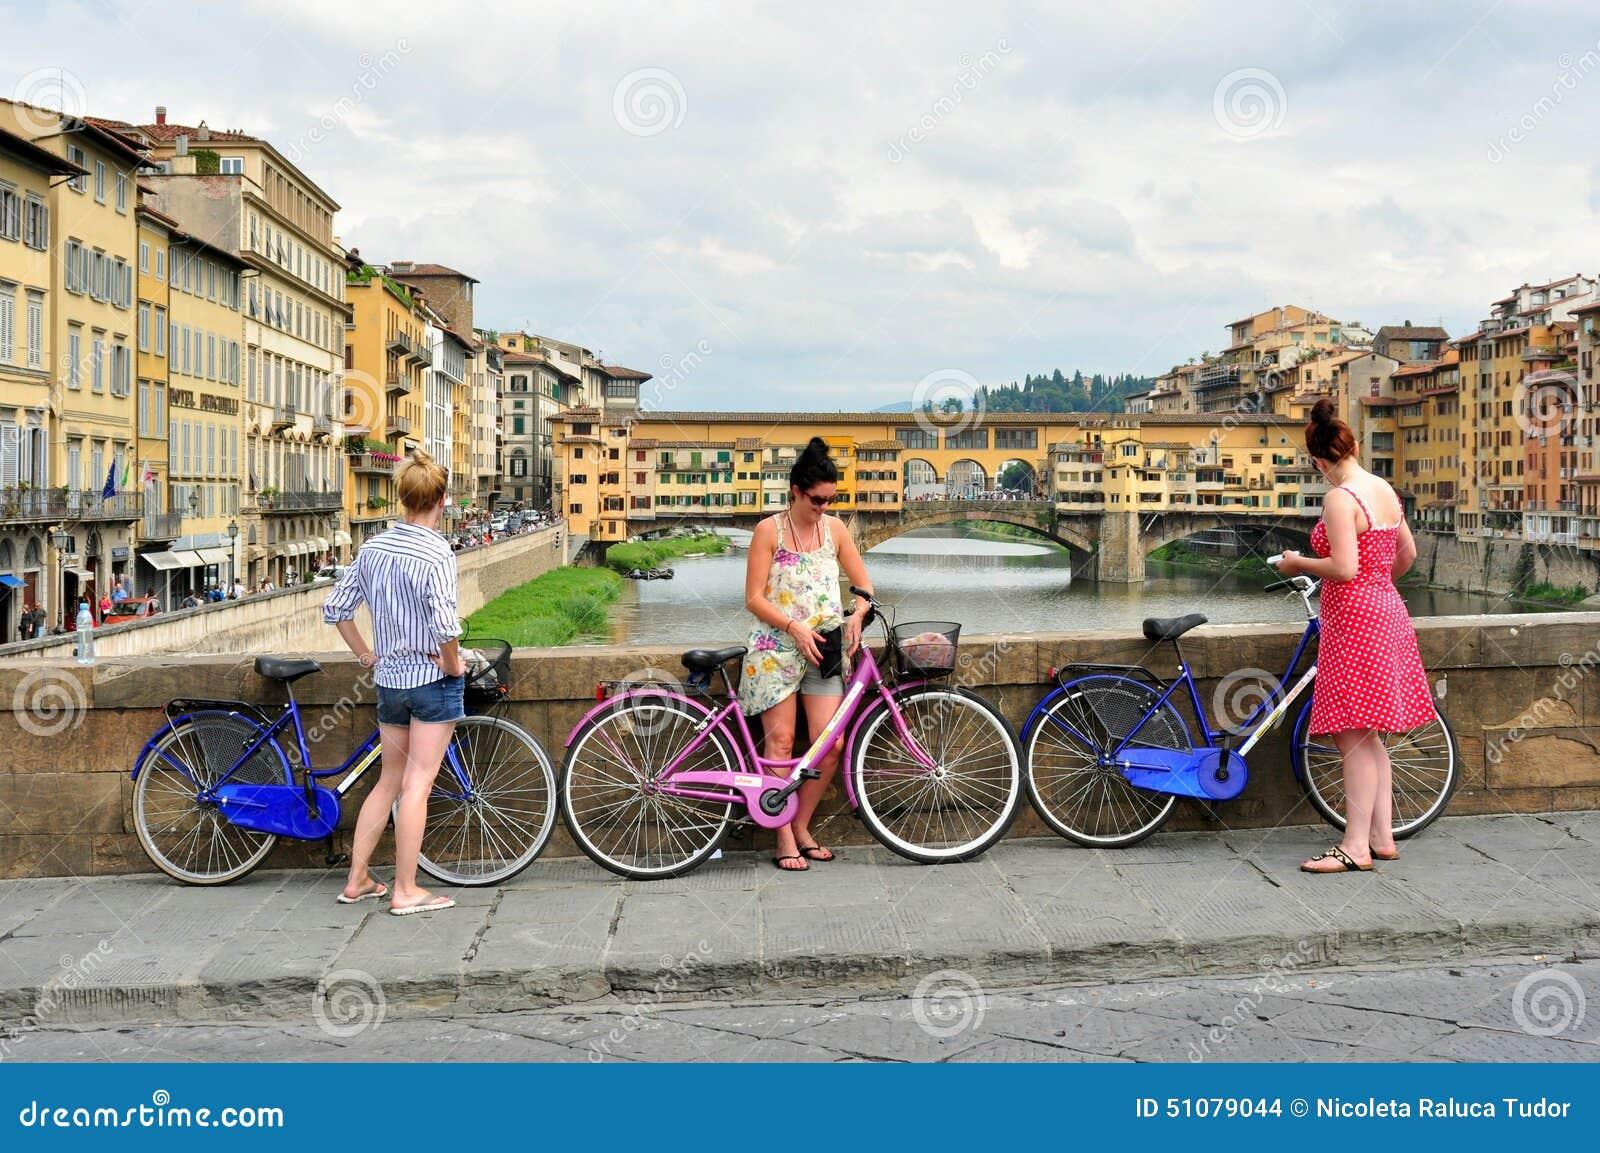 Τουρίστες στα ποδήλατα στις οδούς της πόλης της Φλωρεντίας, Ιταλία